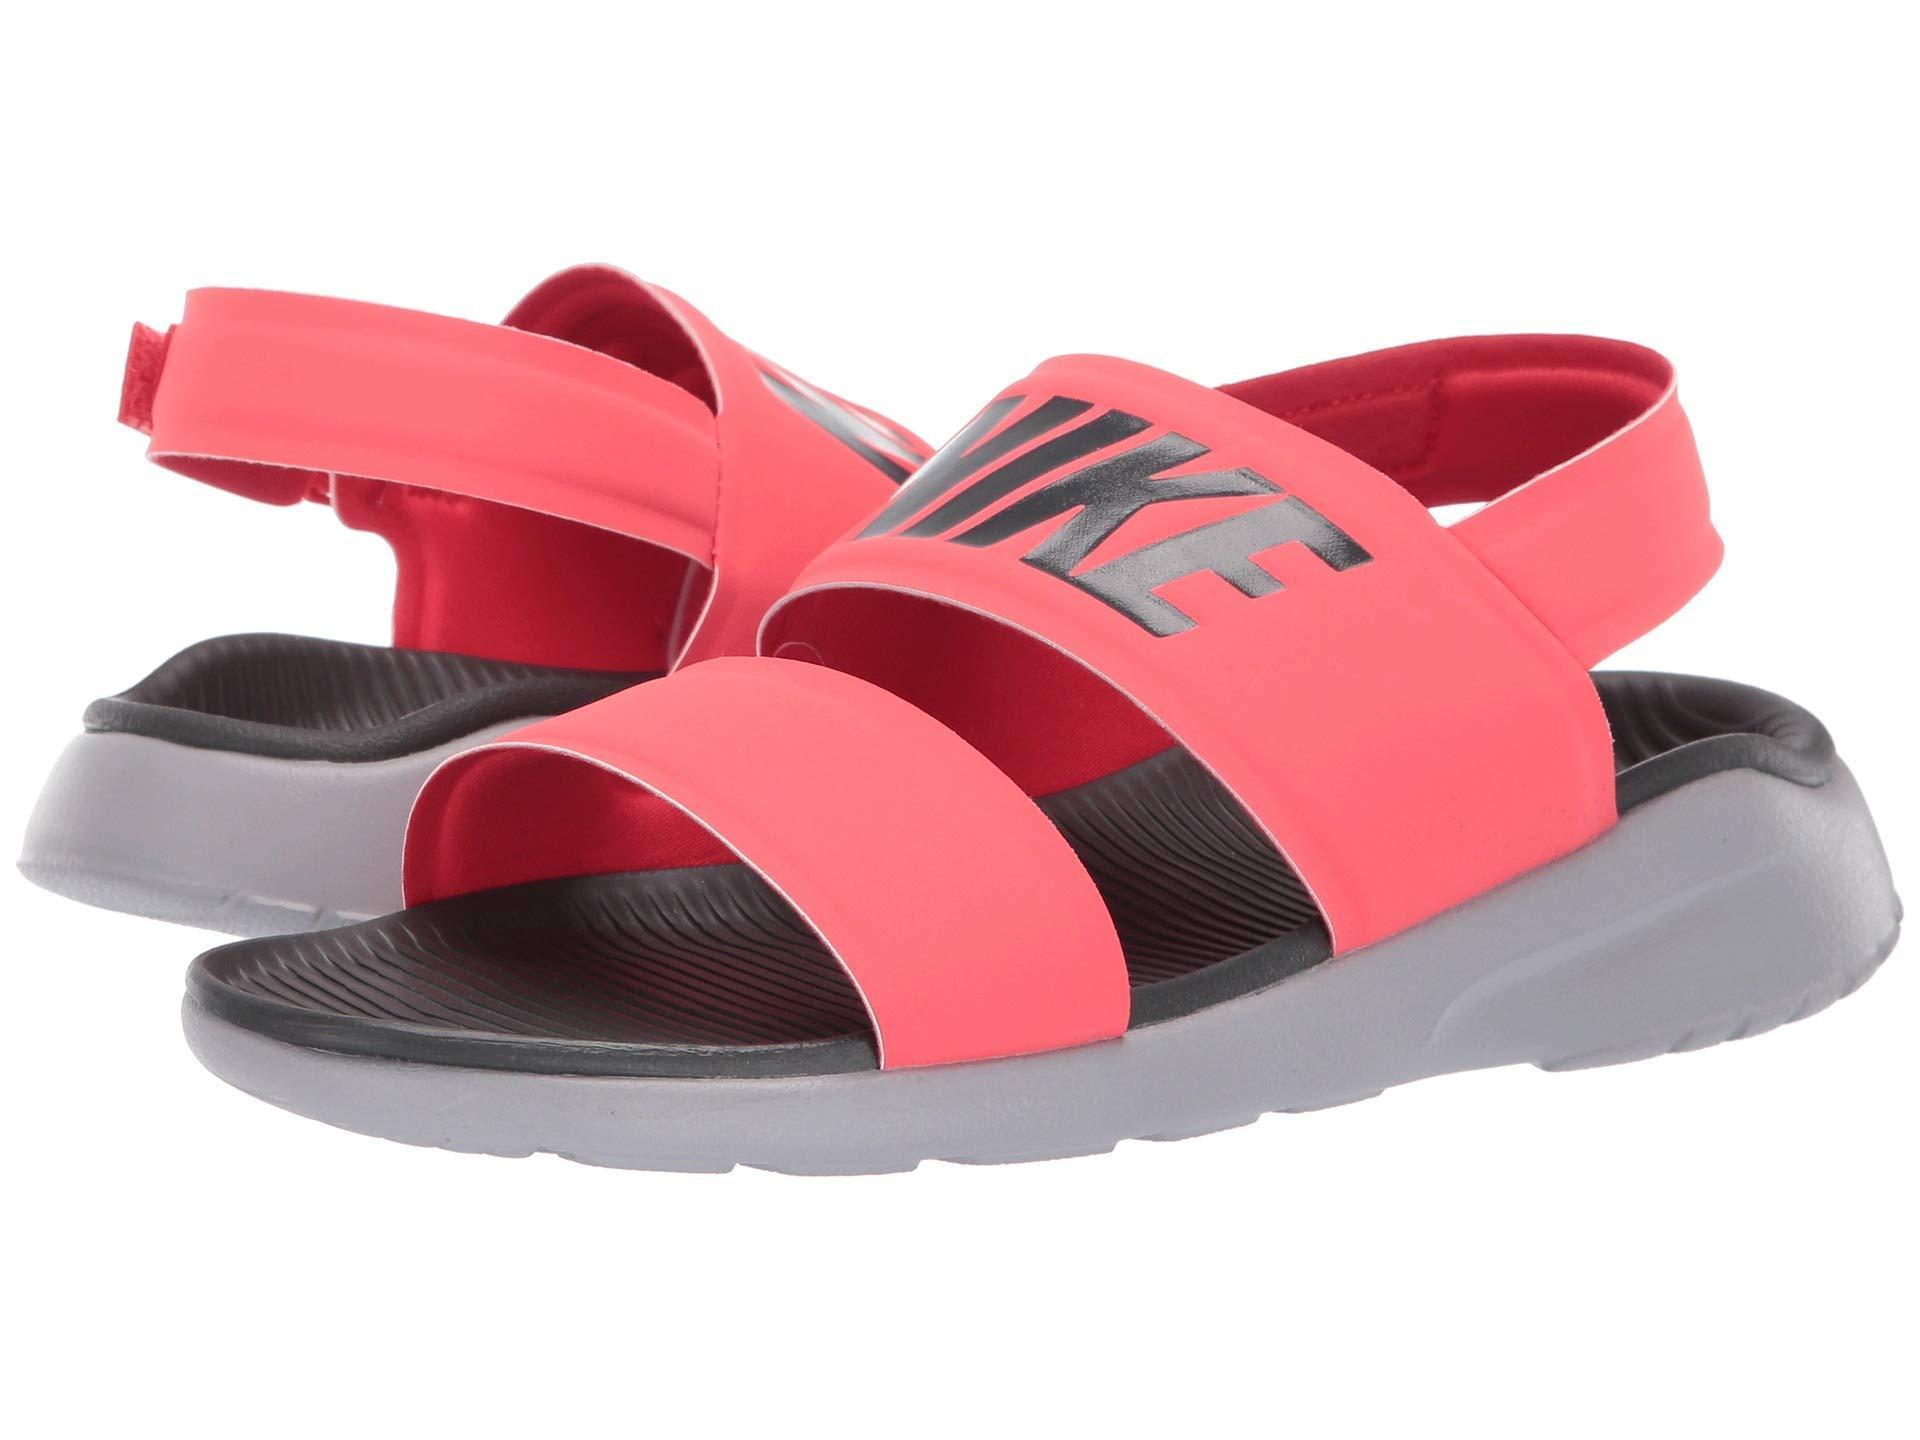 Nike Tanjun Sandal in Pink - Lyst